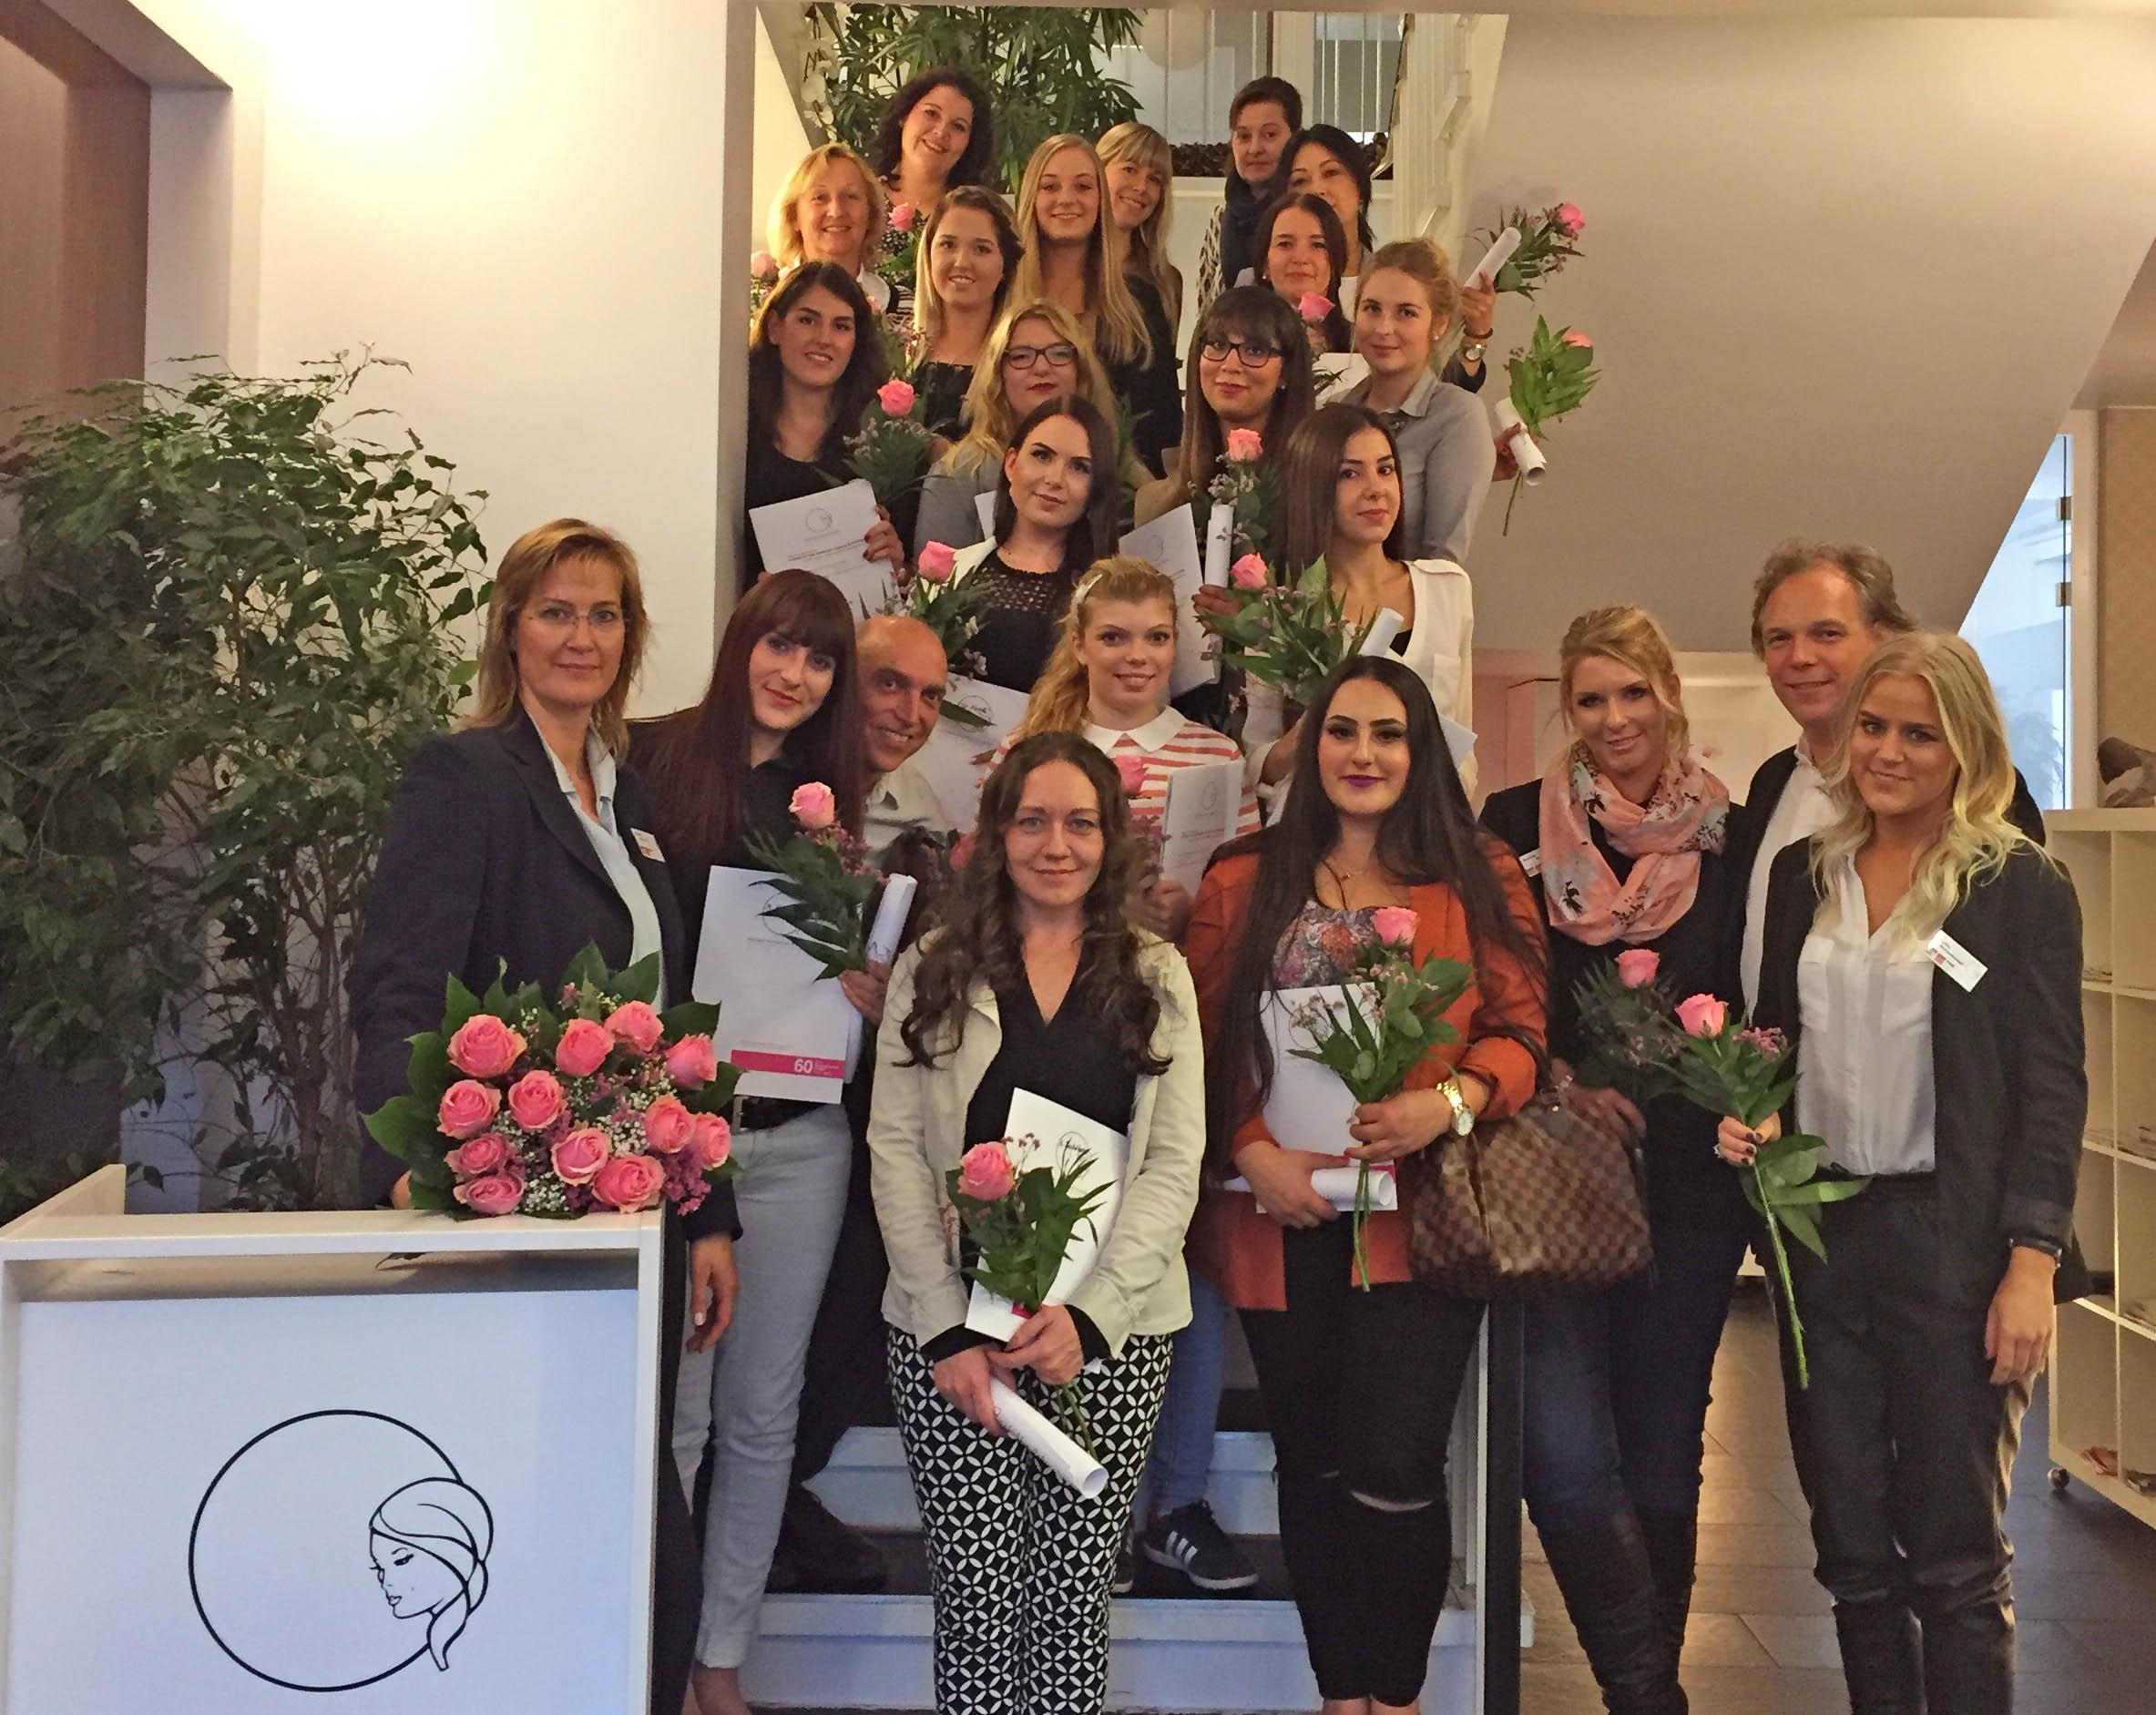 Kosmetikschule Schäfer 01 - staatlich geprüfte Kosmetikerinnen